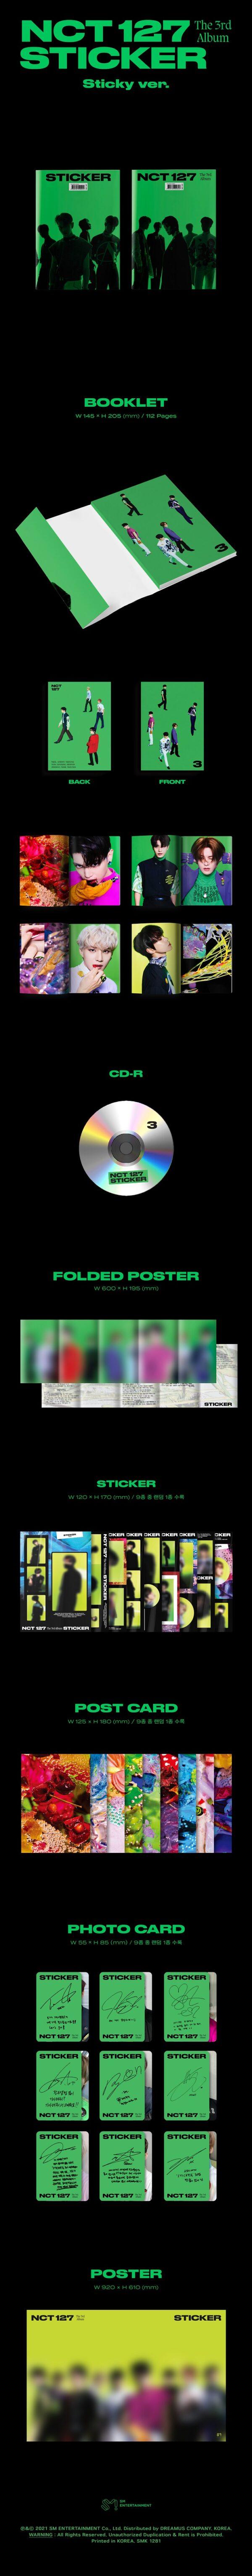 3rd Album de NCT127 Sticker Sticky Ver. Random Ver.